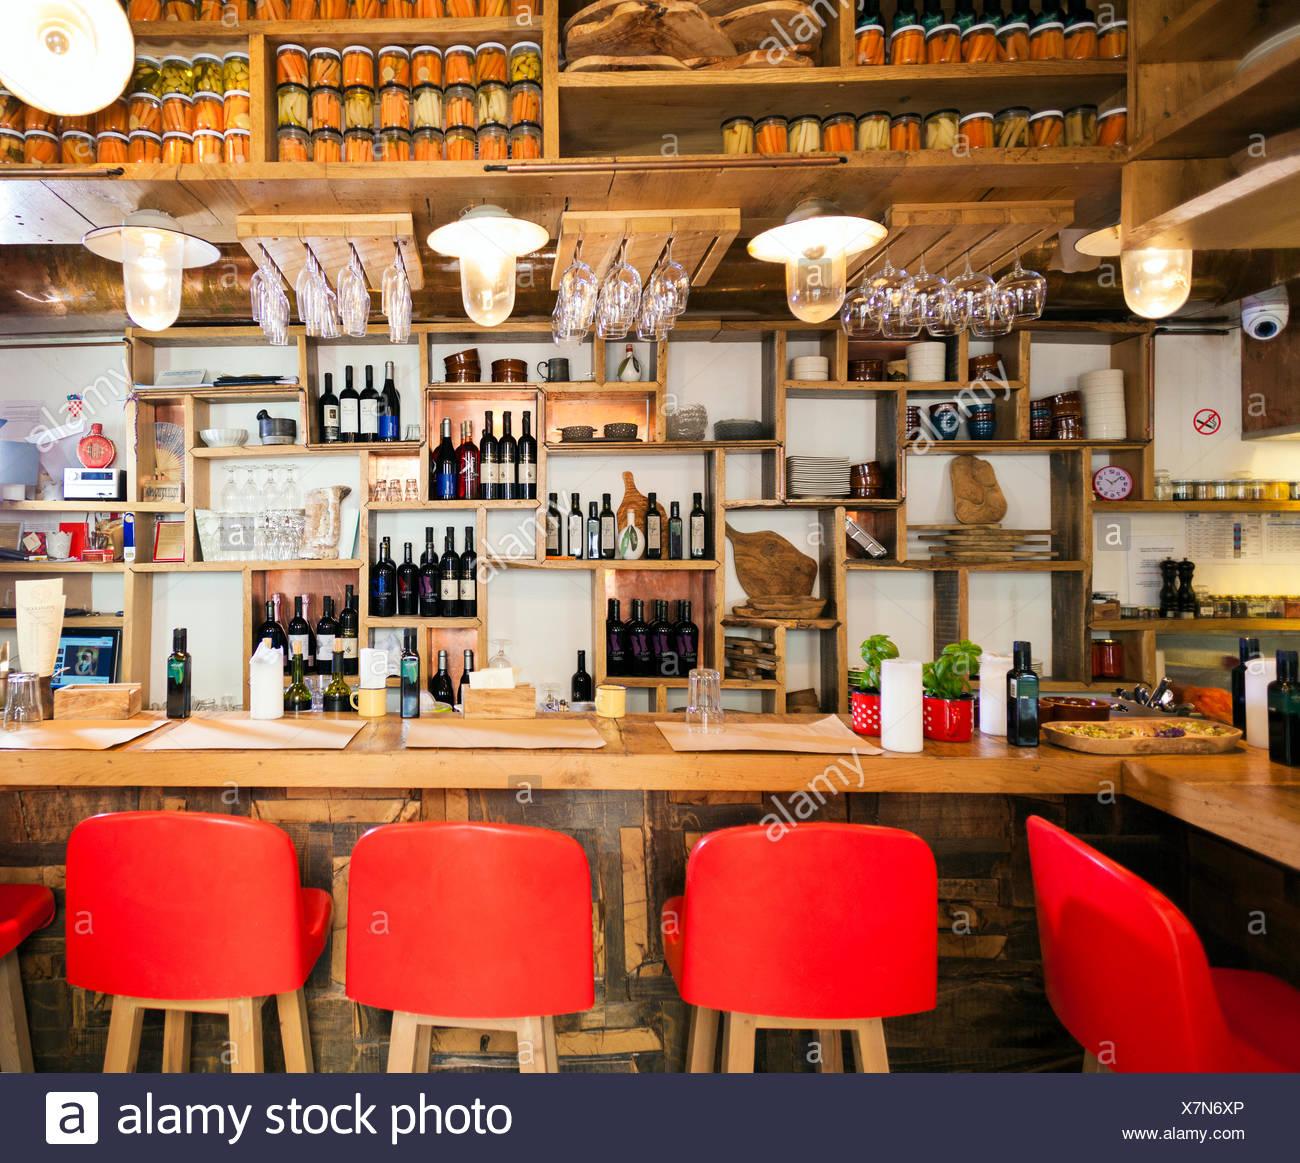 Stools Bar Counter Stockfotos & Stools Bar Counter Bilder - Alamy